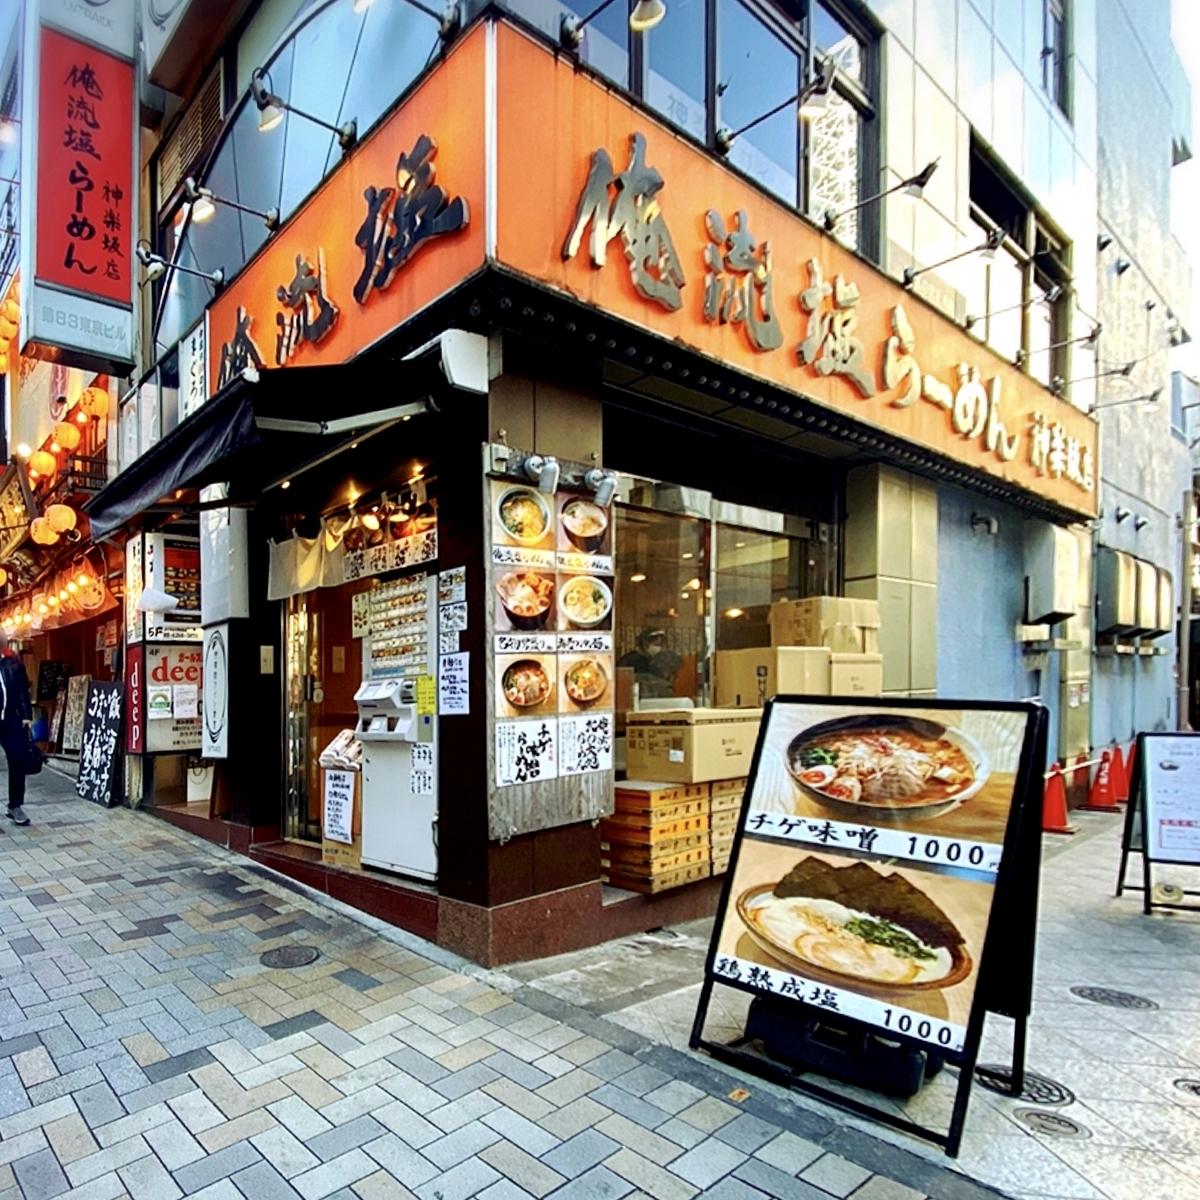 「俺流塩らーめん 神楽坂店」は神楽坂で塩ラーメンを堪能したい方だけでなく唐揚げなどサイドメニューで1杯ちょいのみしたい方にもおすすめのお店でした